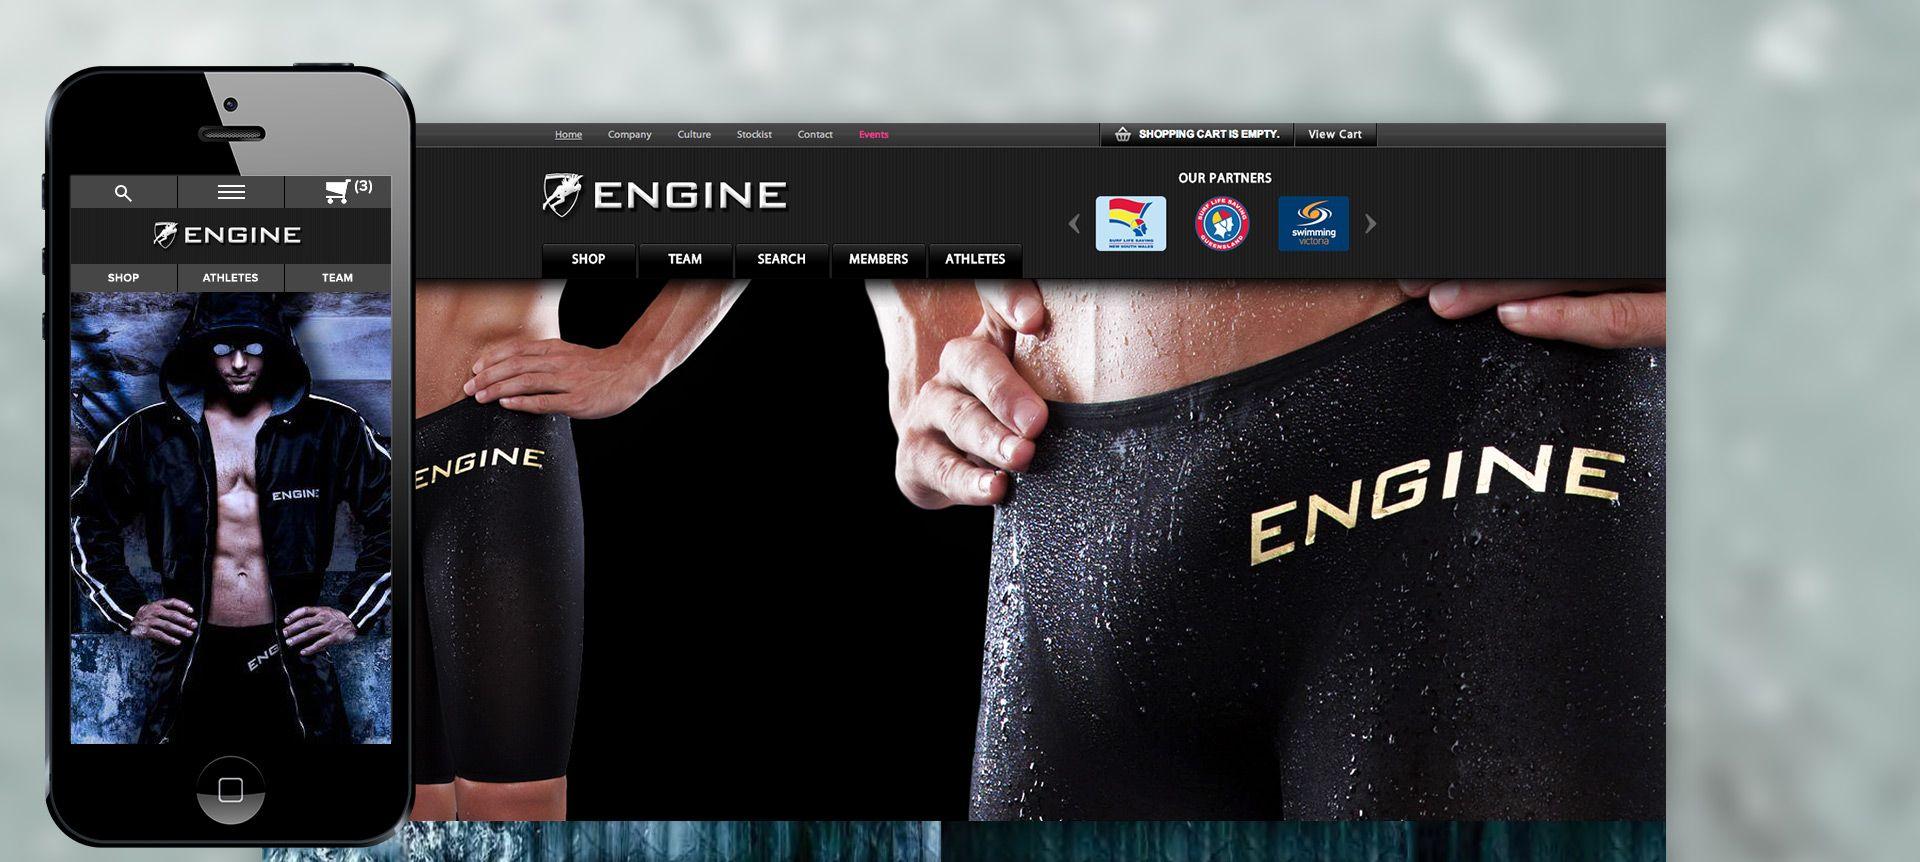 53d1e5956b9f0b804411d73b_EngineSwim-Project-Part1.jpg